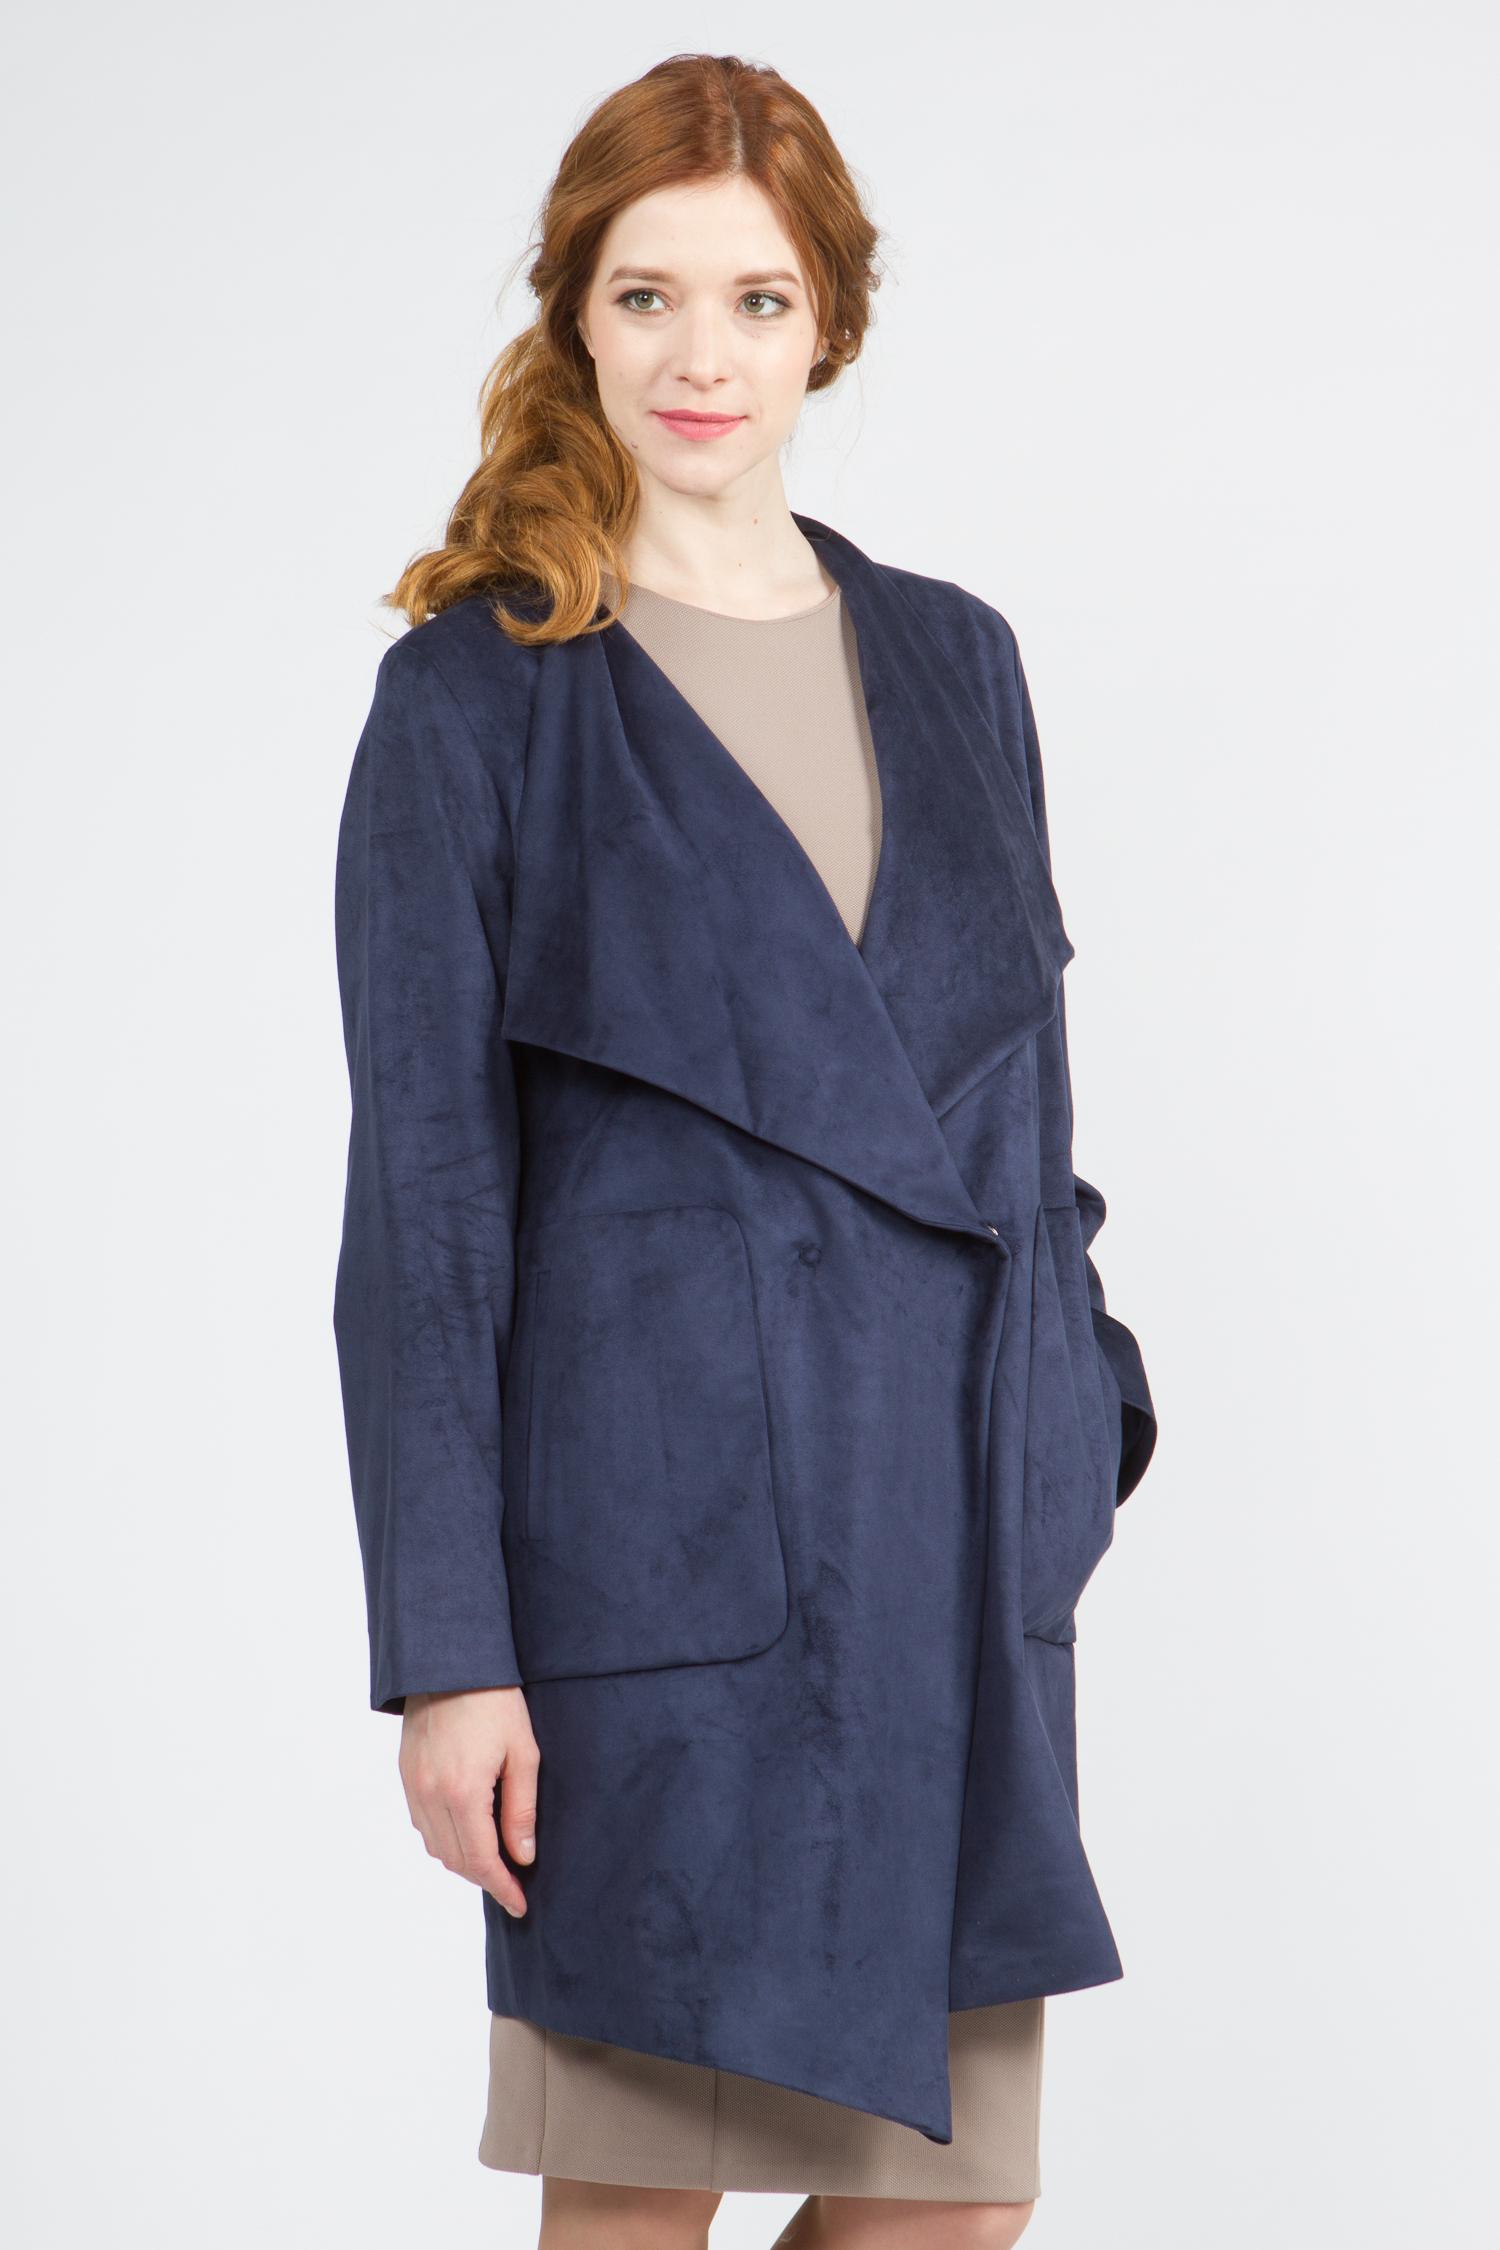 Облегченное женское пальто из текстиля с воротником, без отделки. Производитель: Московская Меховая Компания, артикул: 9073